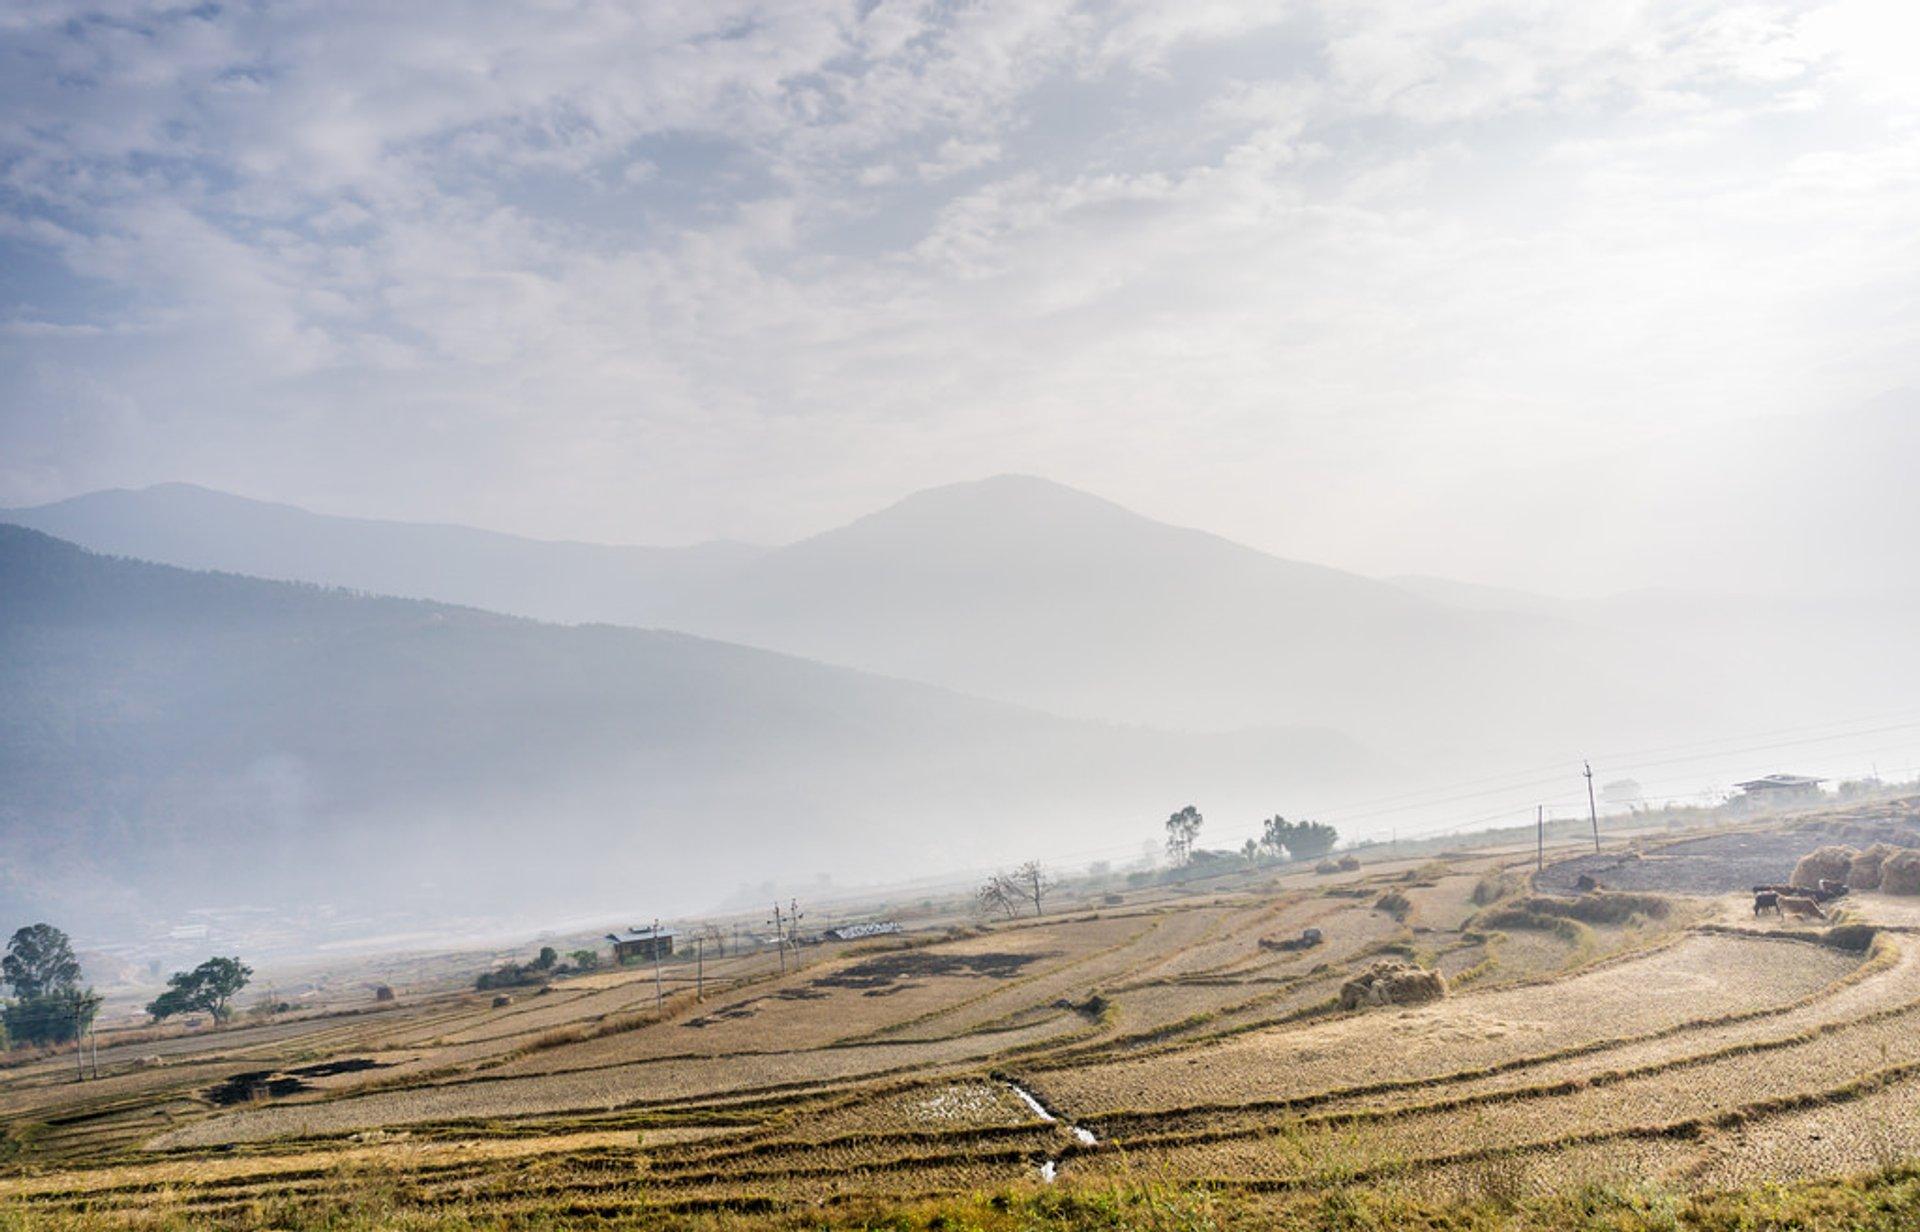 Winter in Bhutan - Best Season 2019